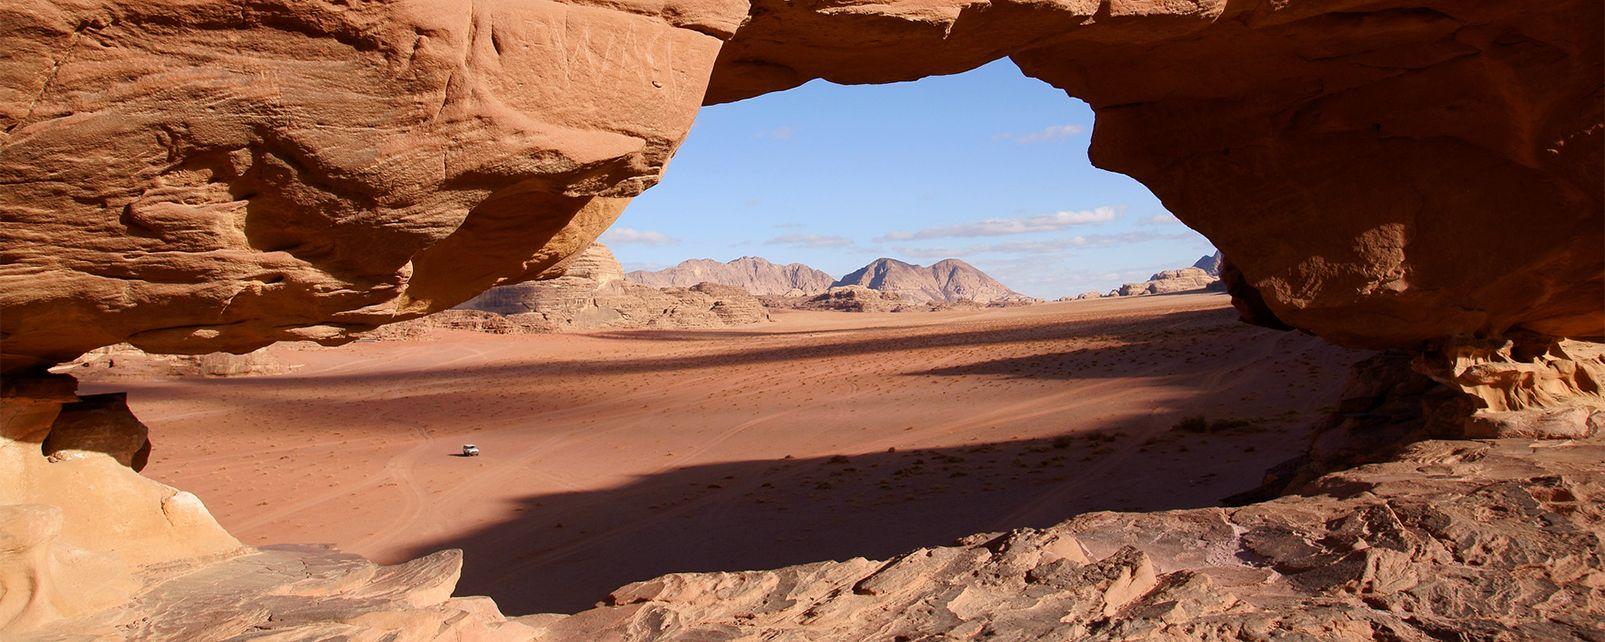 The Wadi Rum Desert Jordan